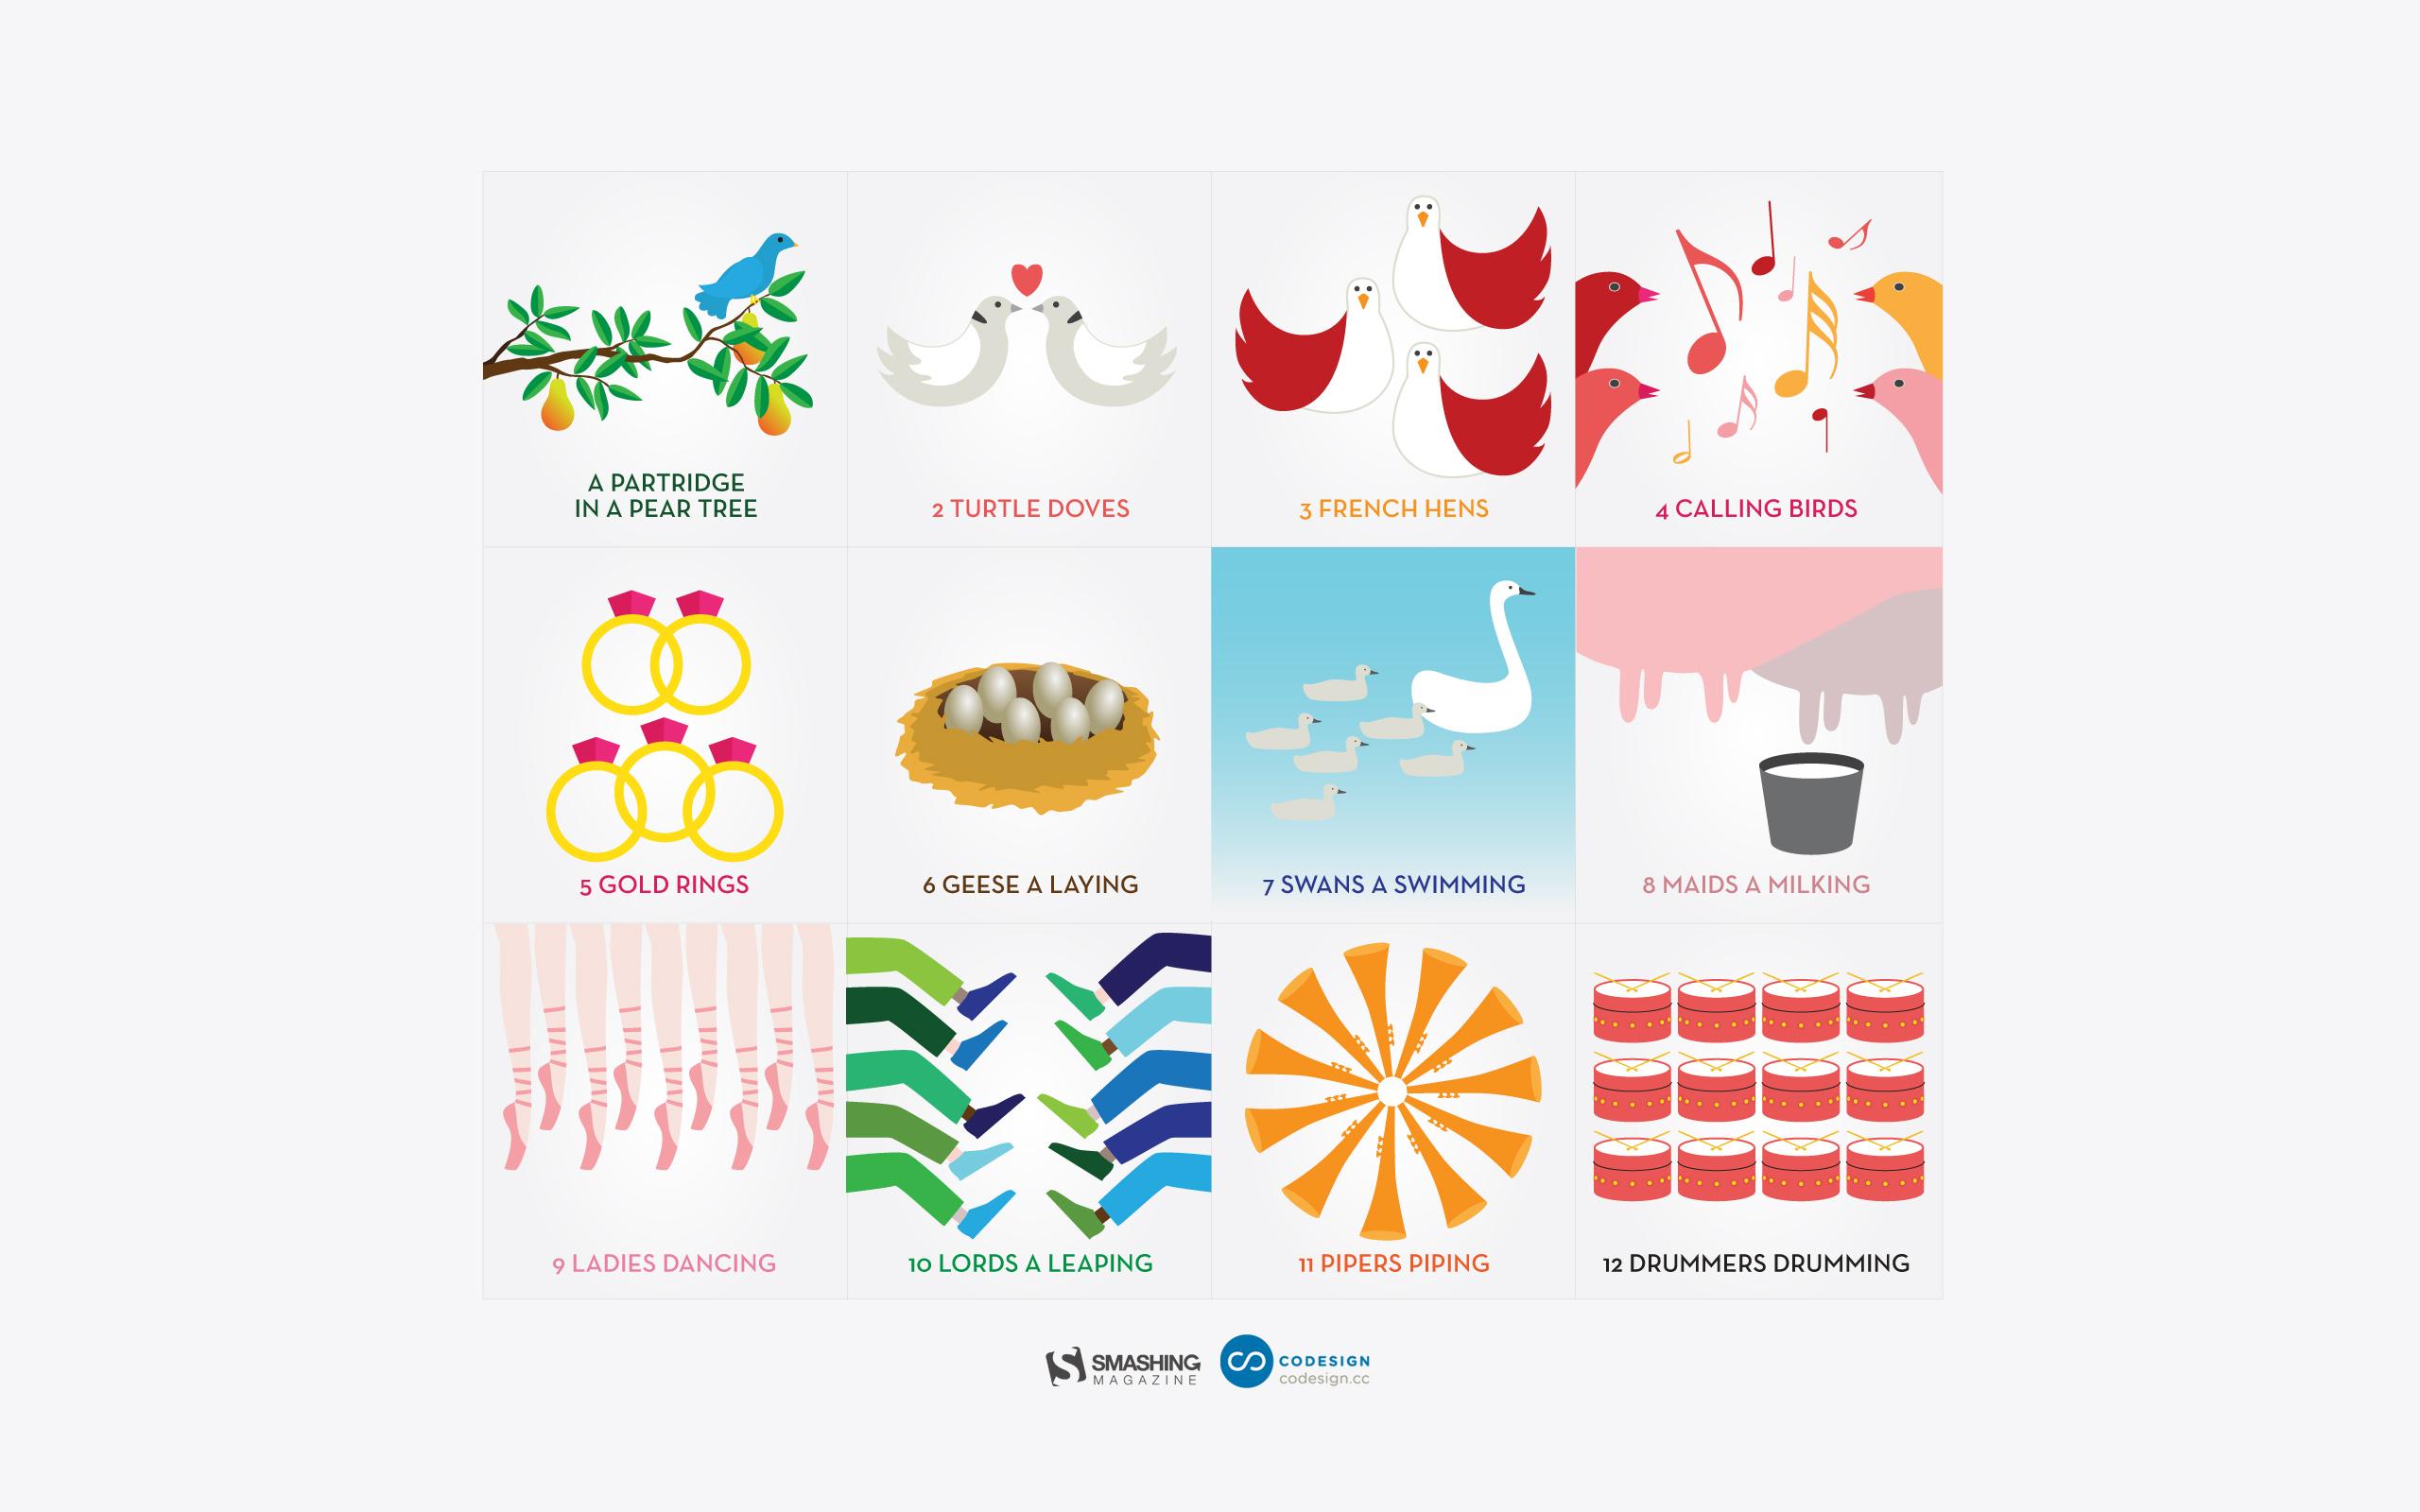 Days-Of-Christmas-HD-http-imashon-com-w-days-christmas-hd-html-wallpaper-wpc900519